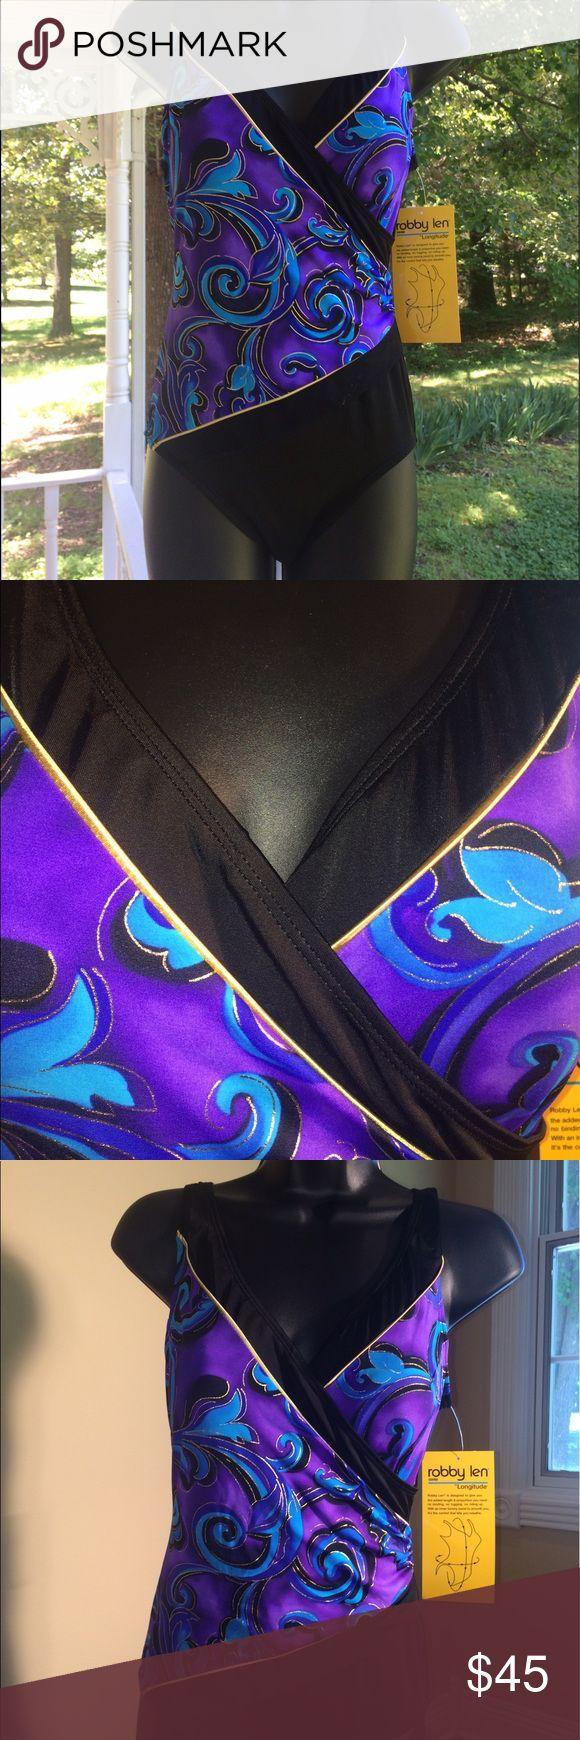 Longitude Swimsuit 8 One Piece Swimwear Long torso Longitude Robby Len long torso  Swimsuit Sz 8 Blue Black Purple Multi faux wrap V-Neck One Piece Swimwear. New with tags. Longitude Swim One Pieces